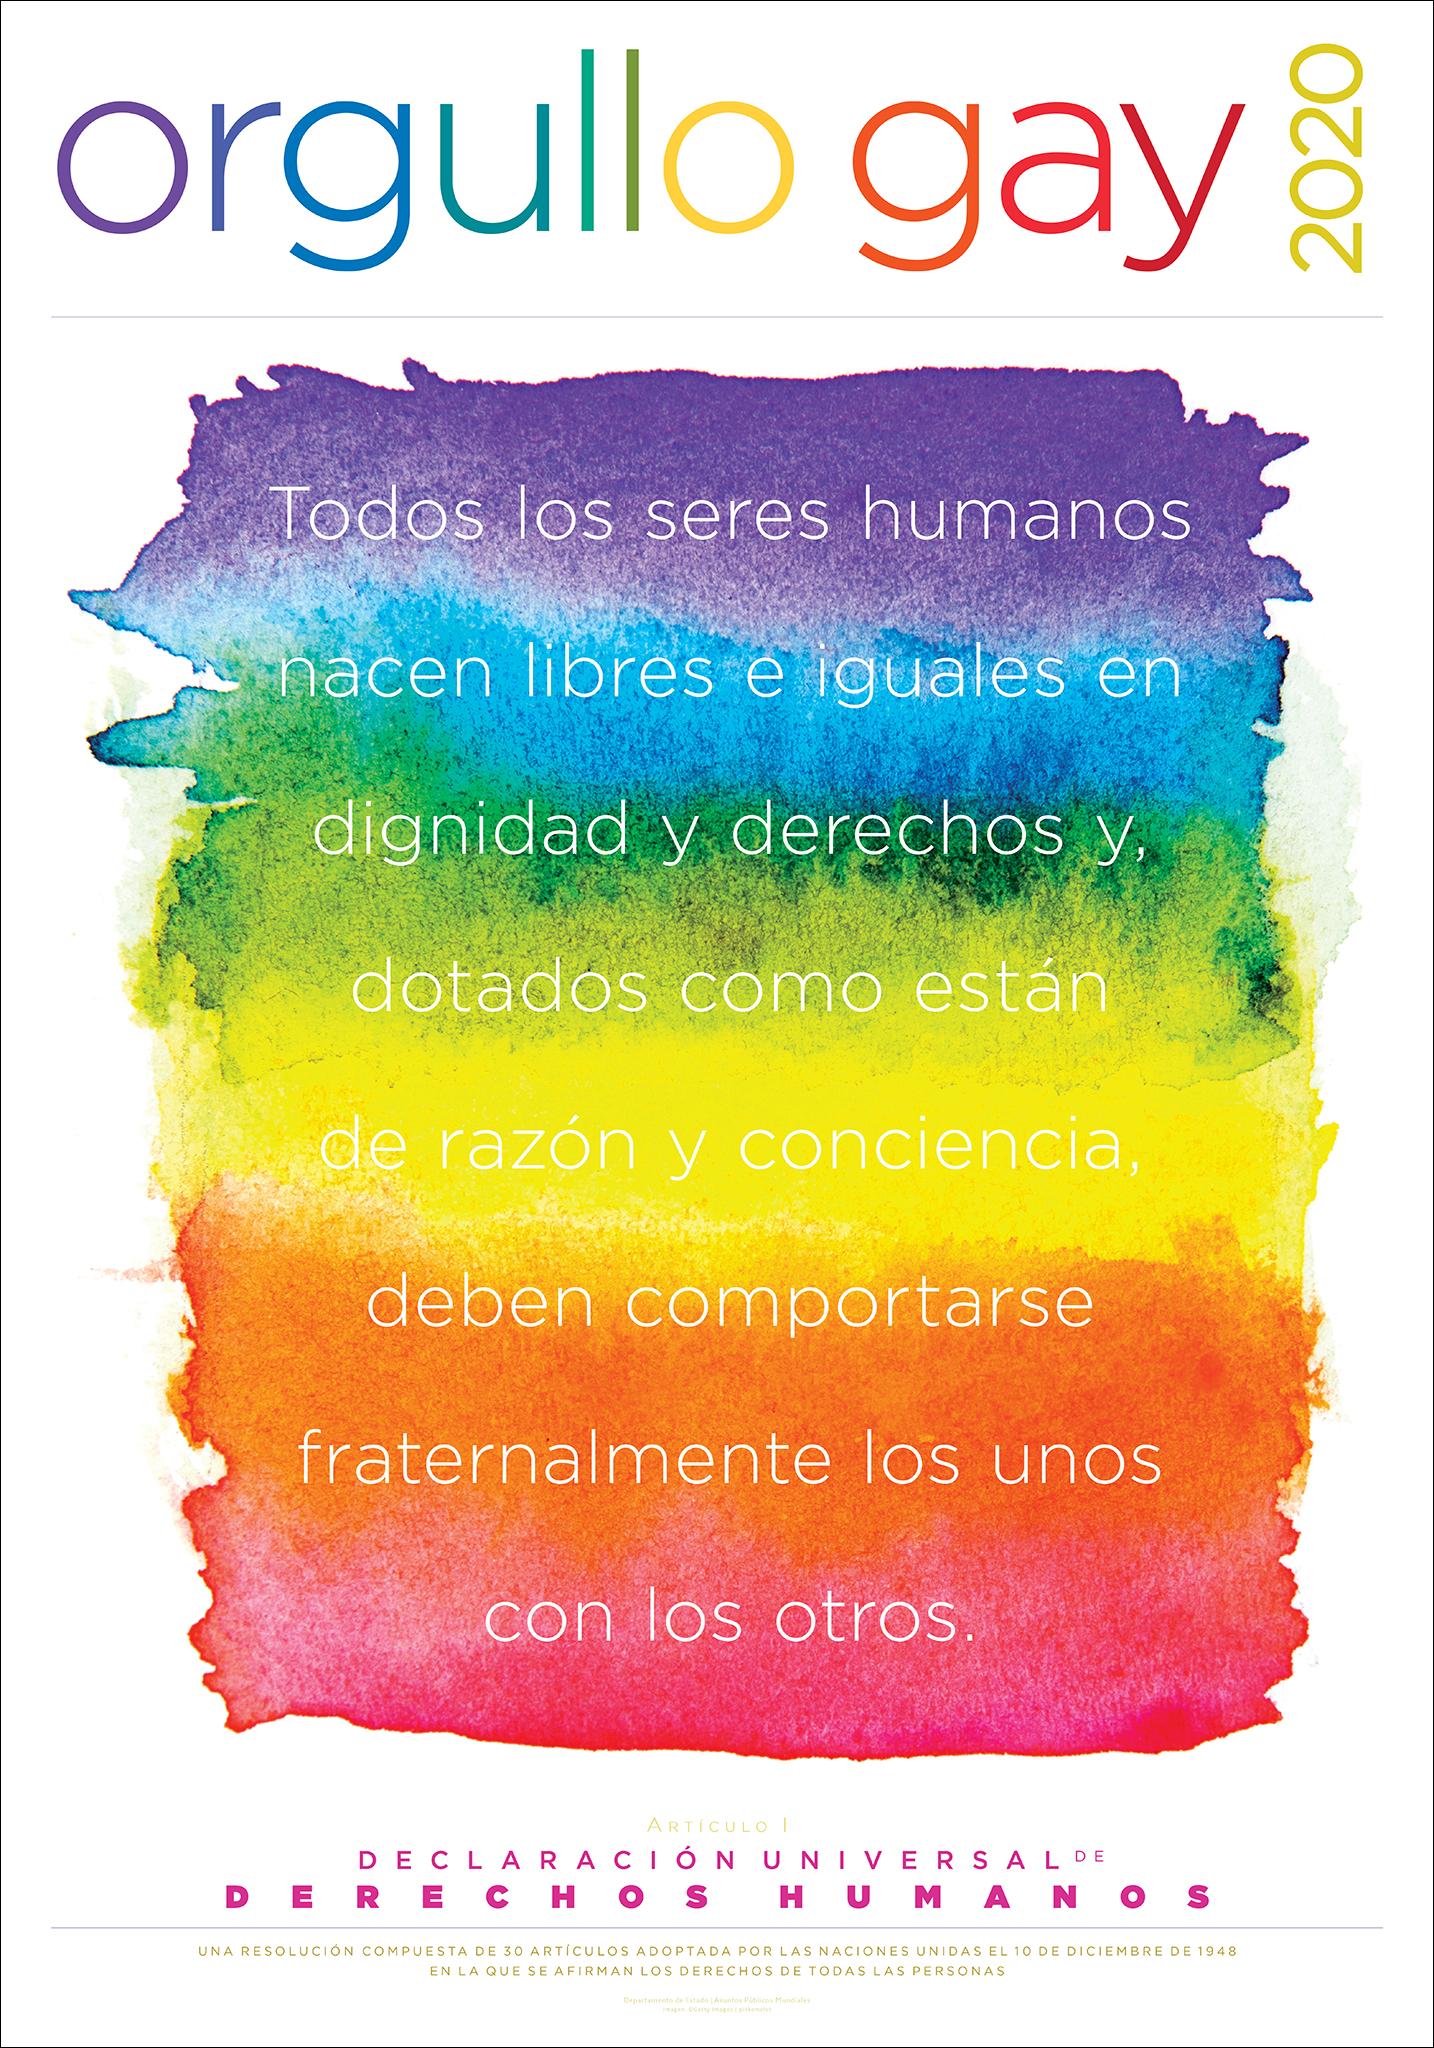 Póster del Mes del Orgullo Gay 2020 con cita sobre derechos humanos (Depto. de Estado/D. Hamill)